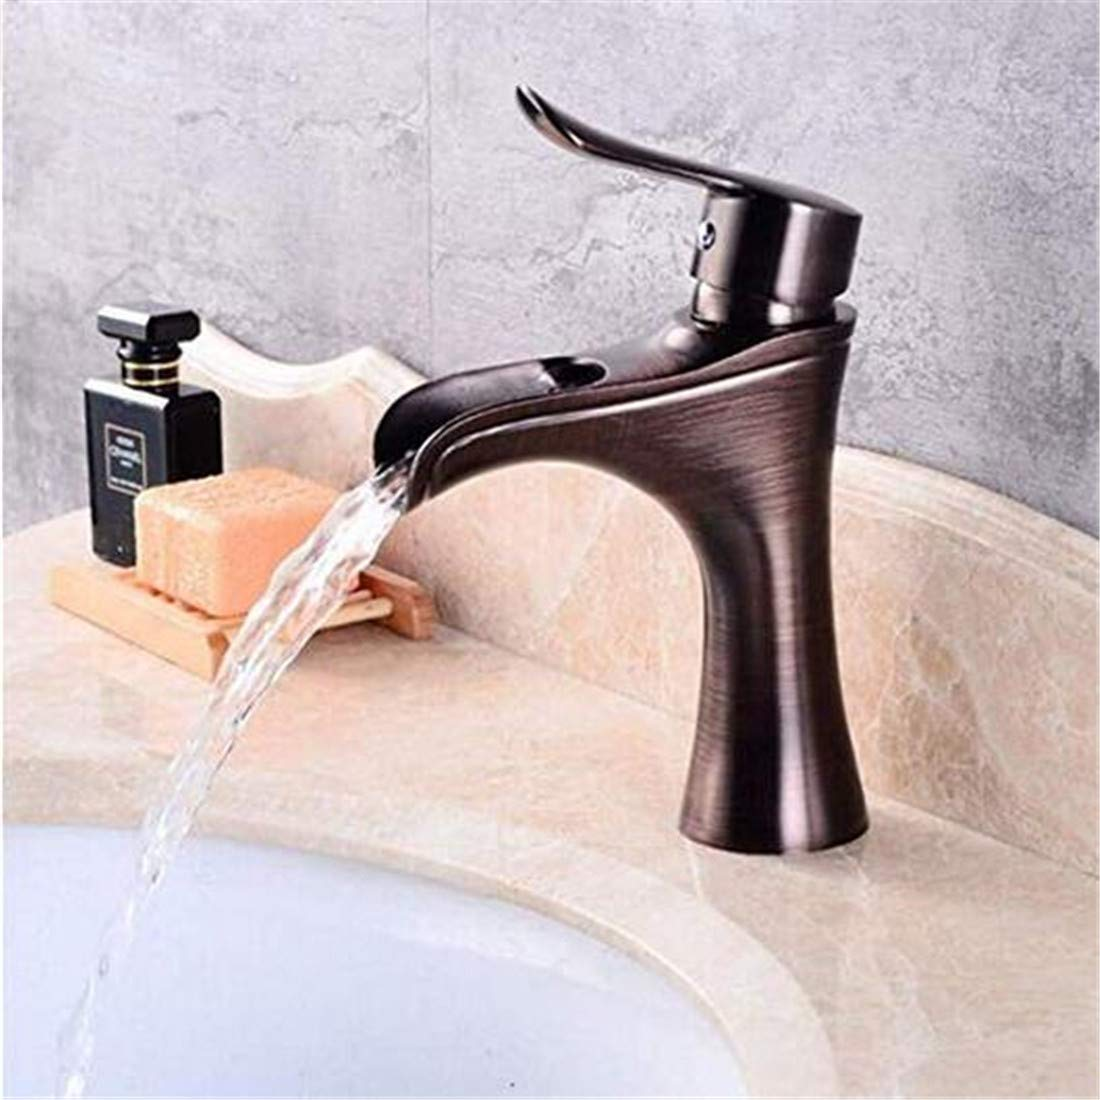 Modern Heiß Und Kalt Vintage ÜberzugEuropäisches Waschbecken Im Unteren Becken Heißes Und Kaltes Wasser Einlochmontierter Wasserhahn